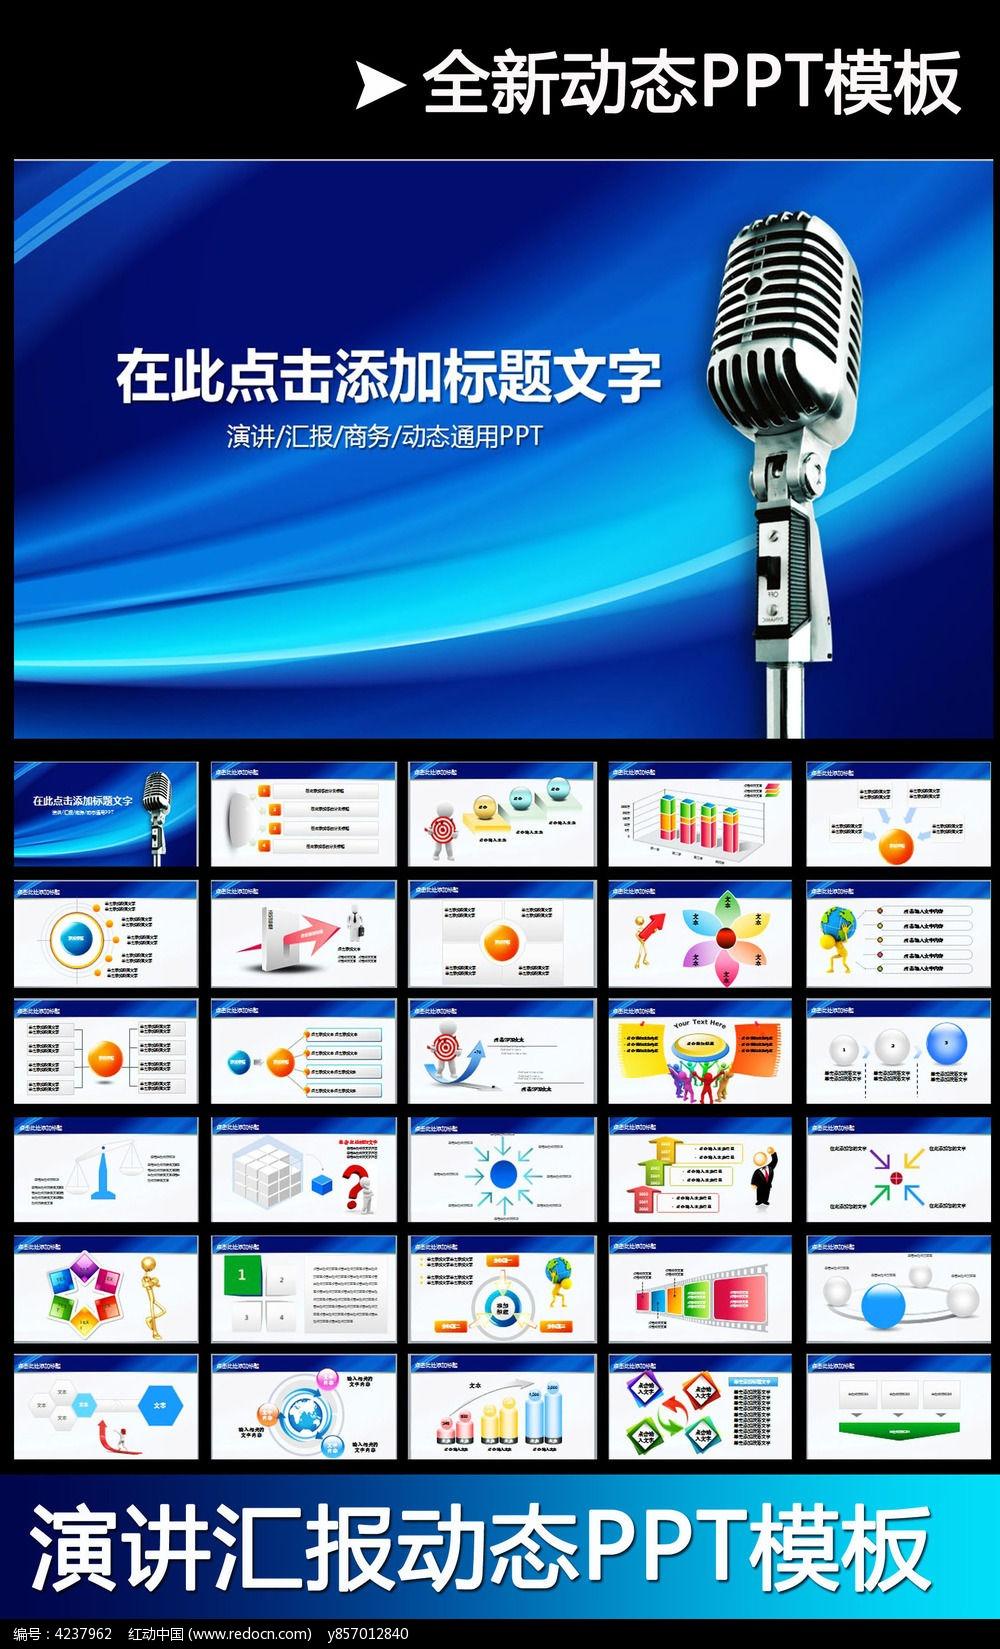 演讲比赛ppt模板pptx素材下载